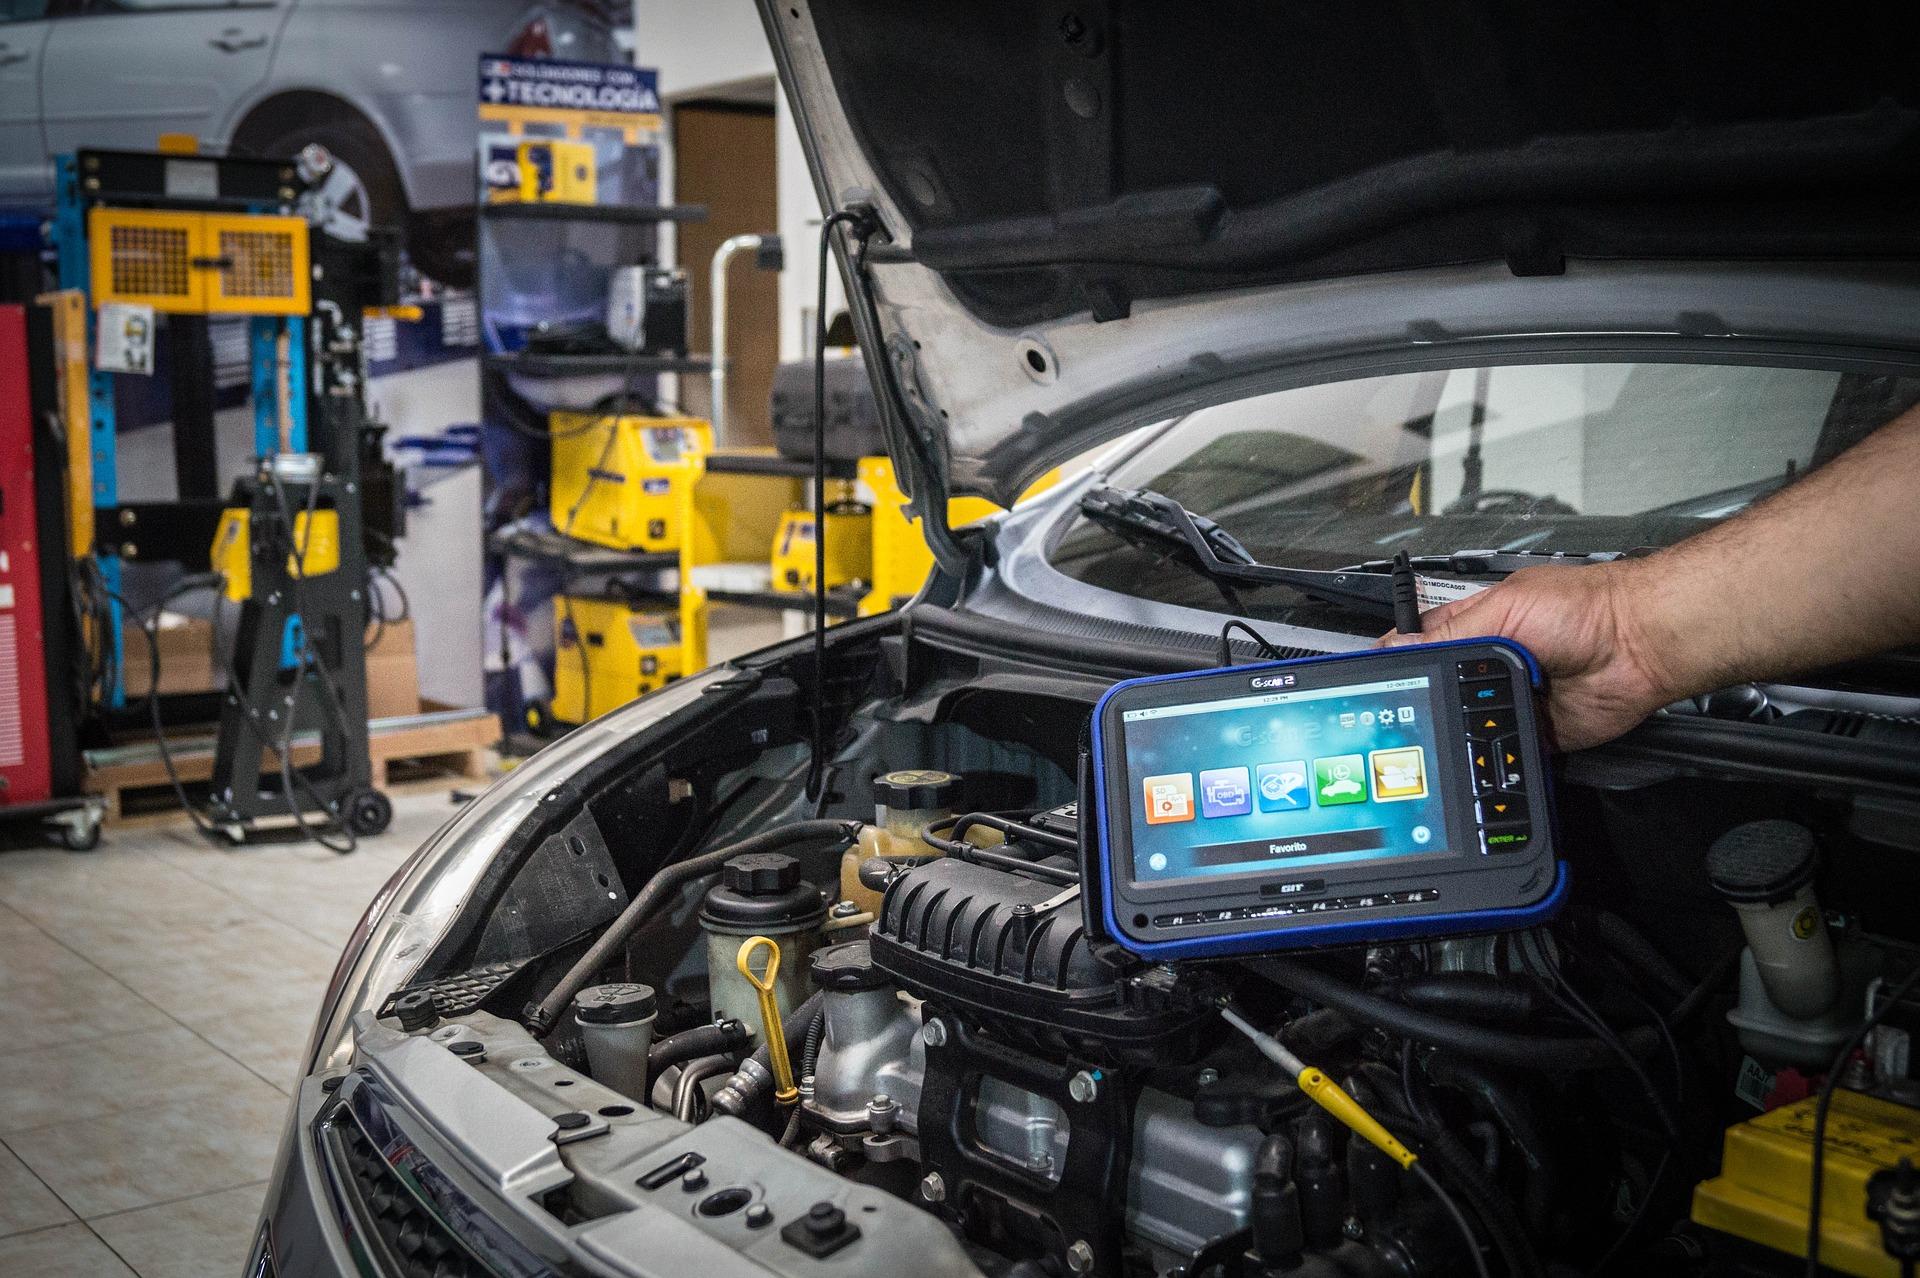 Imagem mostra um scanner automotivo conectado a um automóvel.